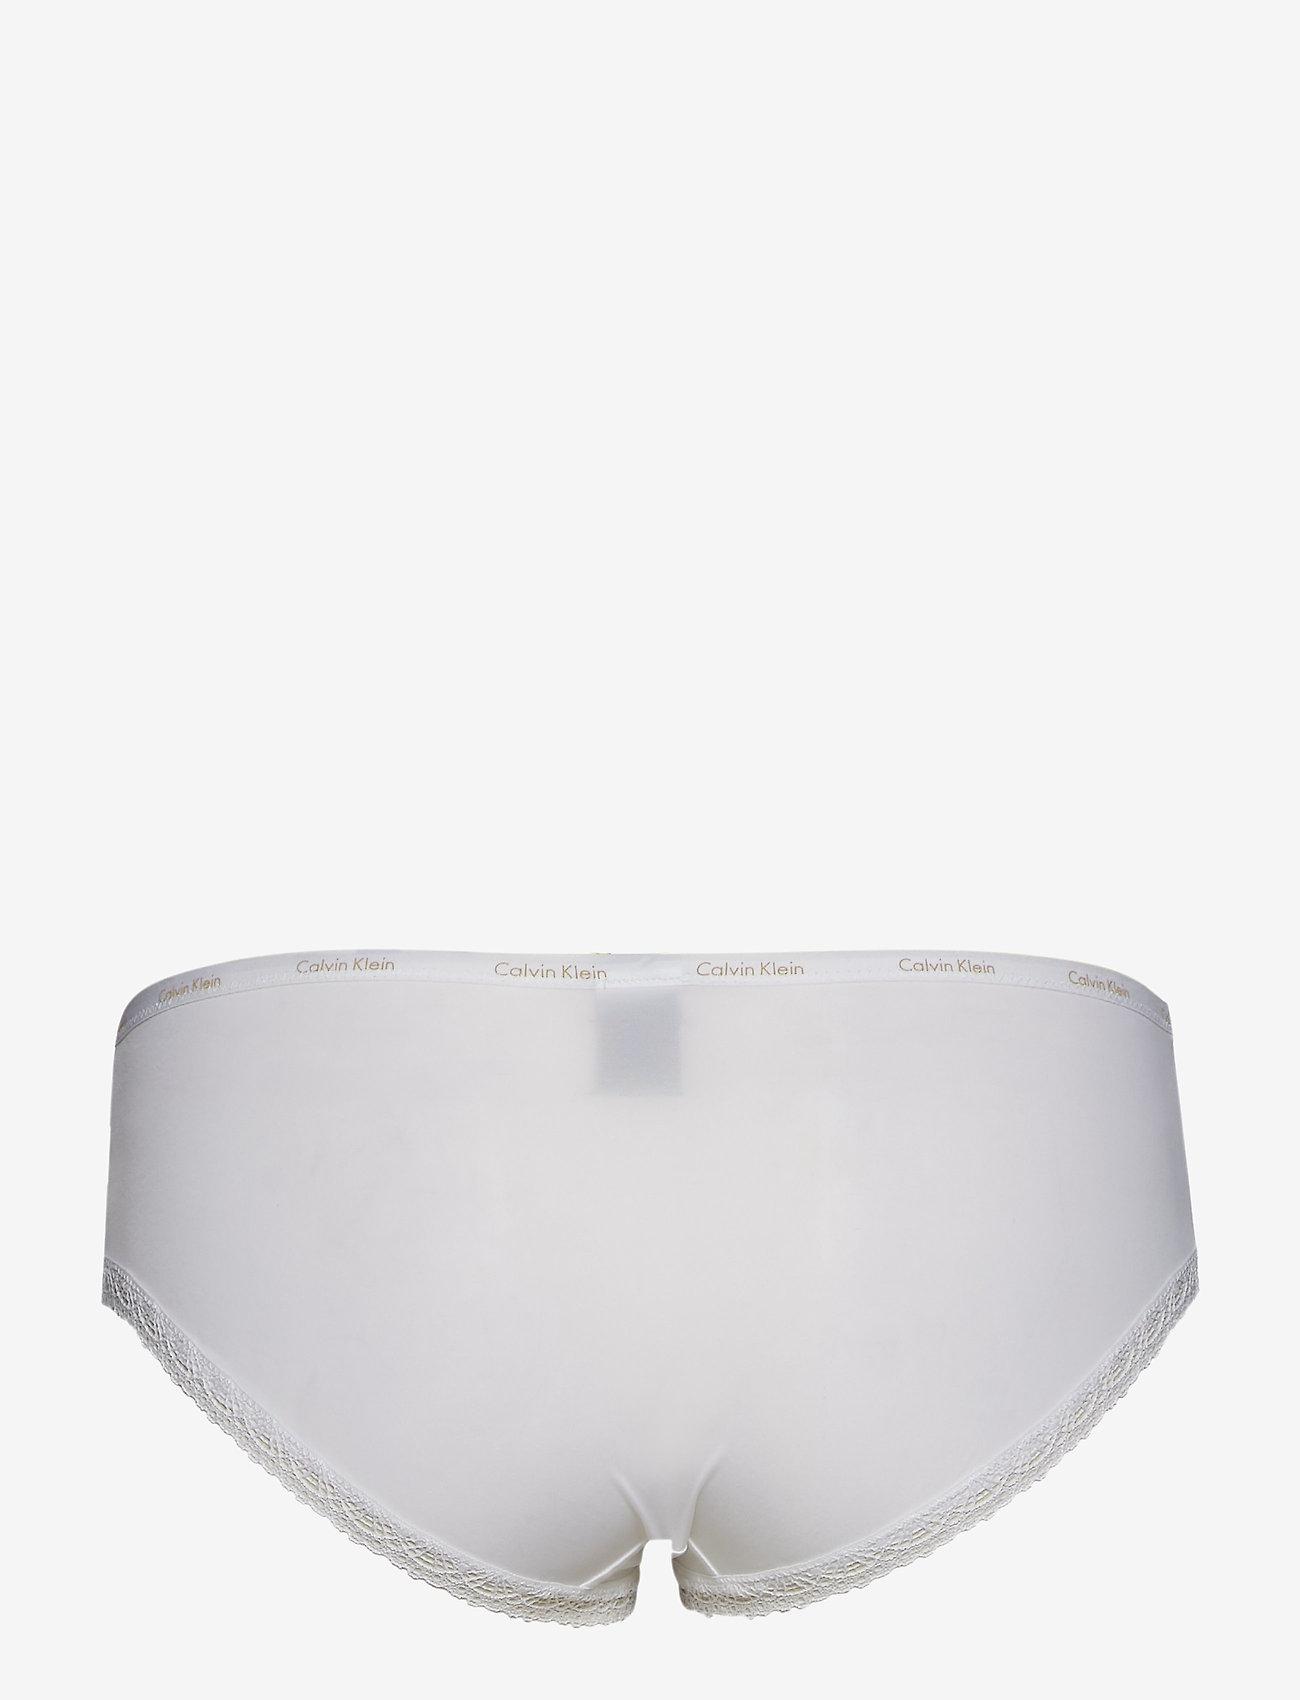 Calvin Klein - HIPSTER - hipsterit & hotpantsit - white - 1